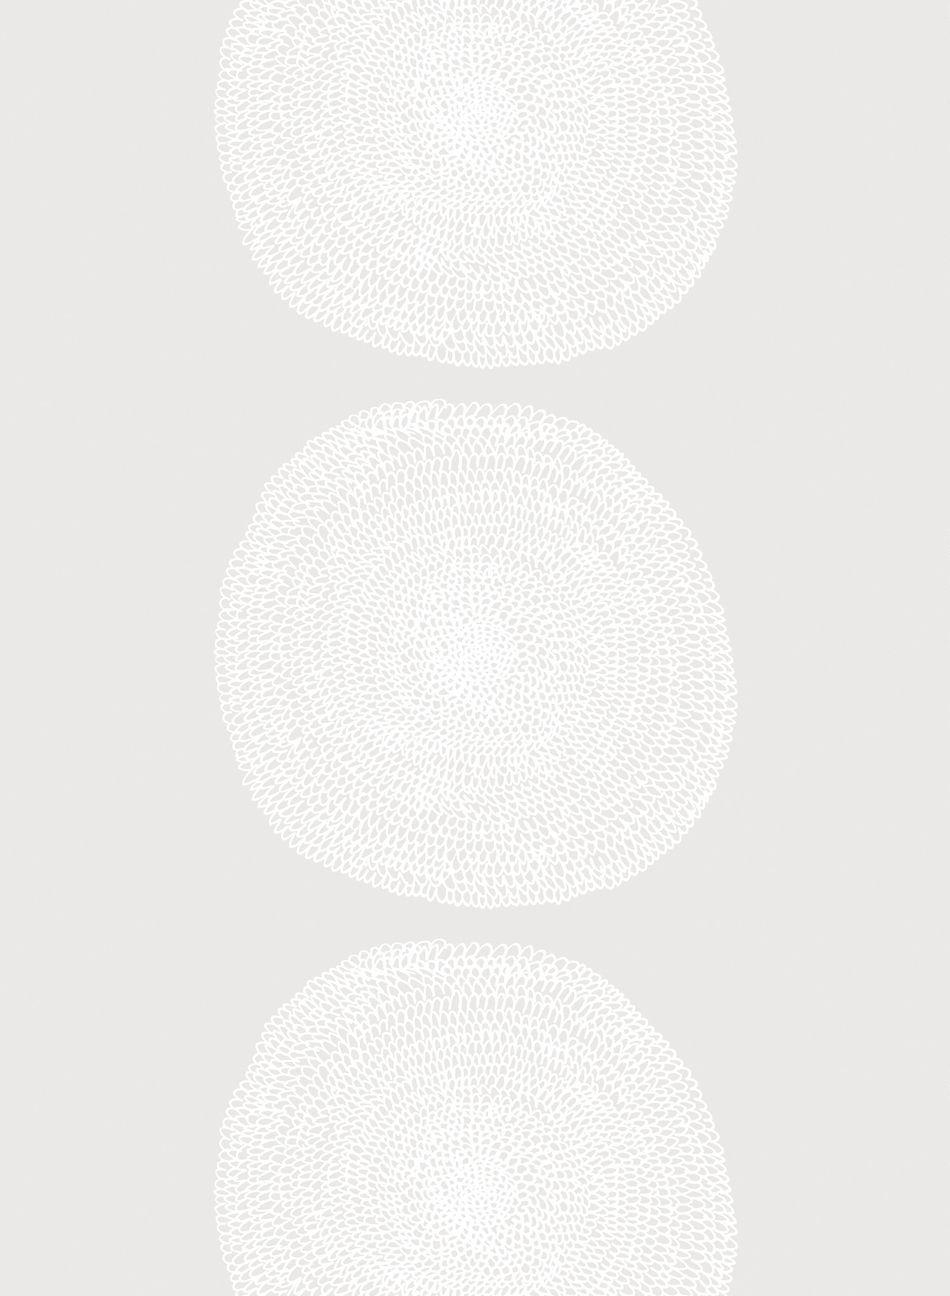 Pippurikerä cotton batiste (white,white)  Fabrics, Sateens & Batistes   Marimekko